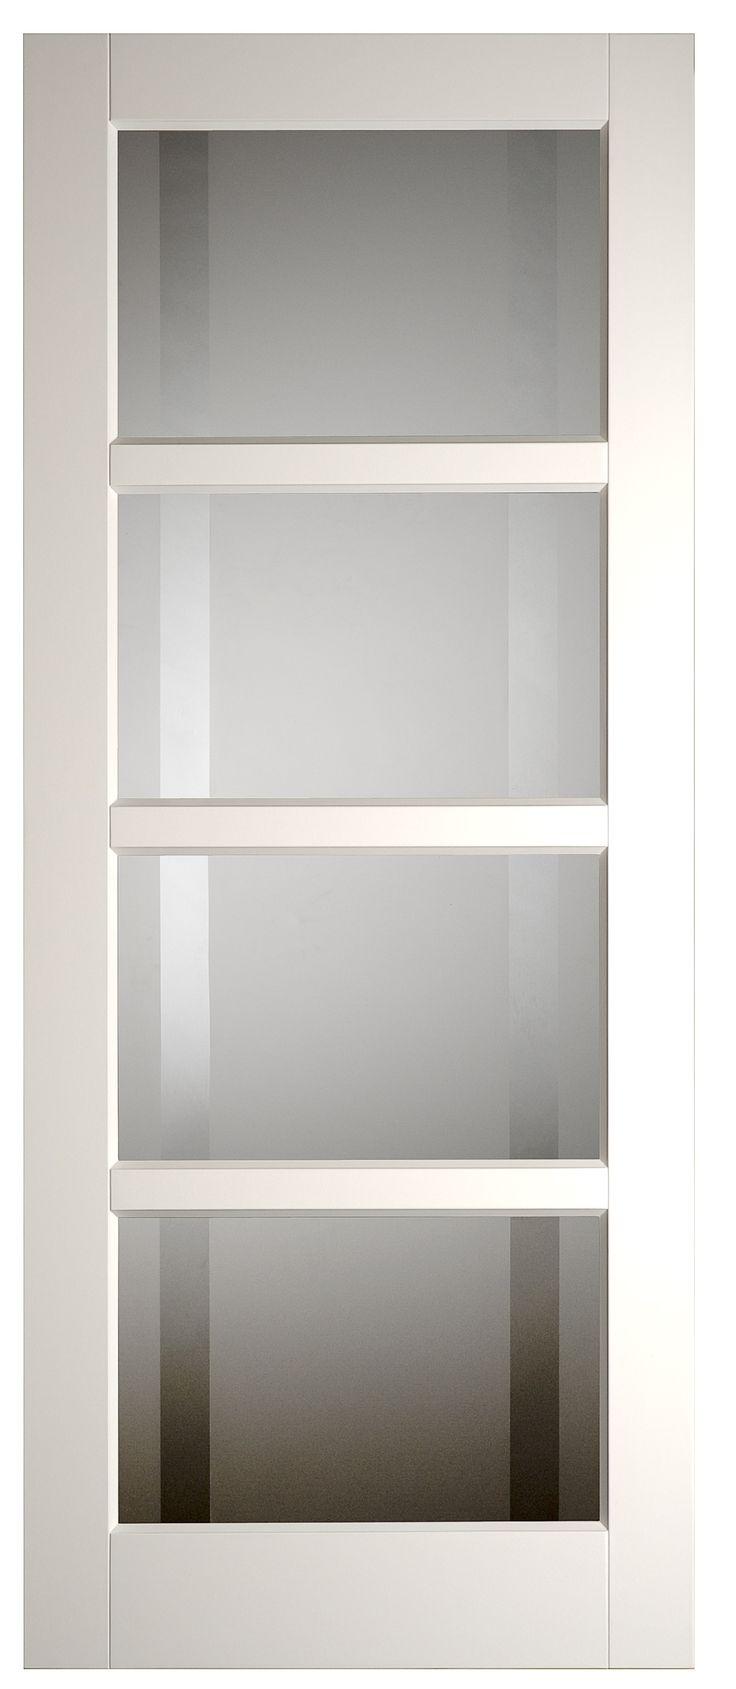 Binnendeur met glas hal <<>> woonkamer